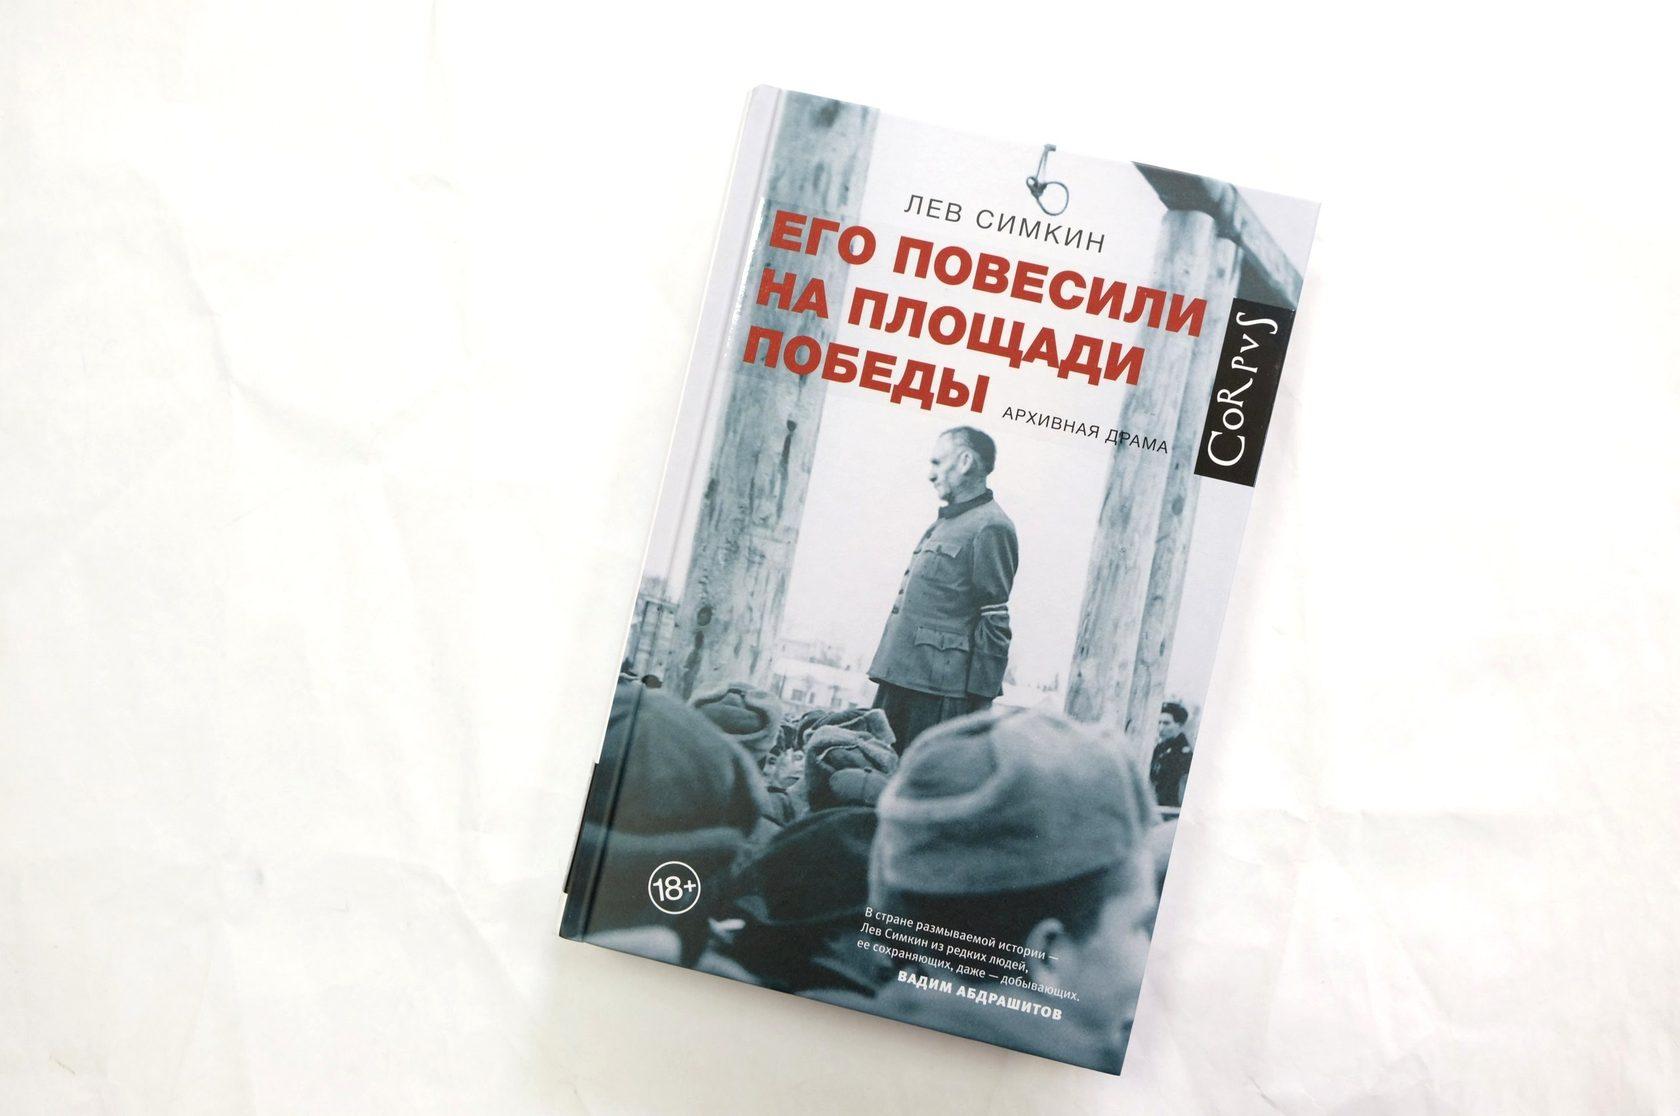 «Его повесили на площади Победы» Лев Симкин